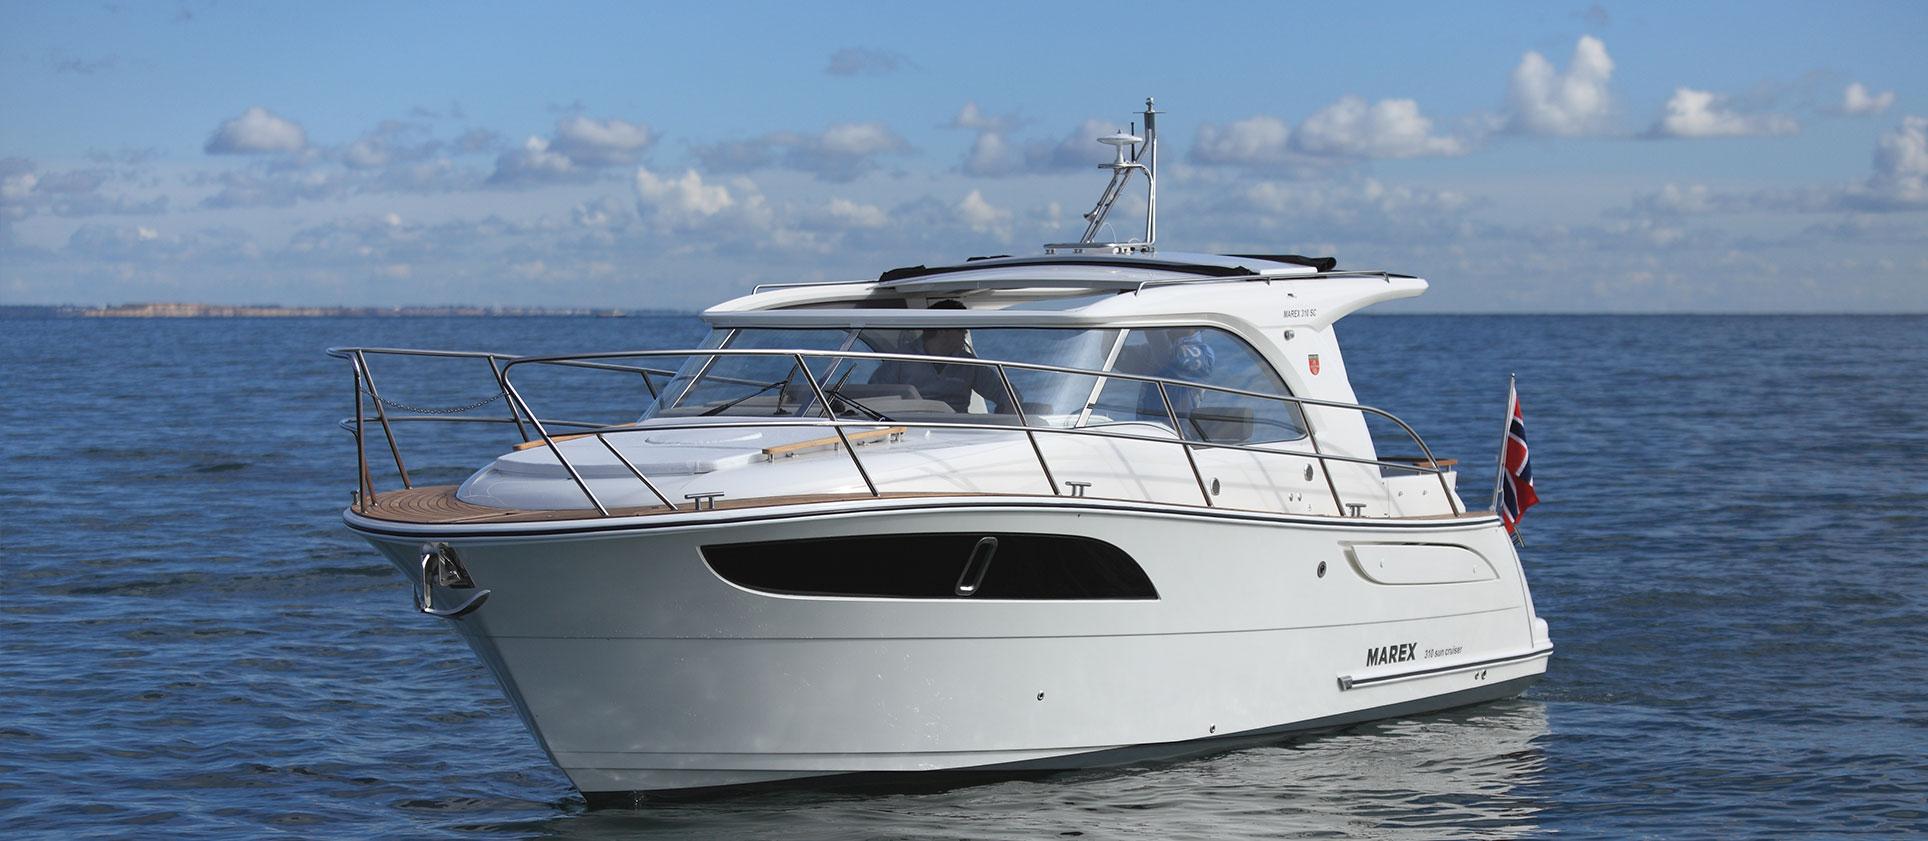 Marex 310 Sun Cruiser de Yannick LAVOINE